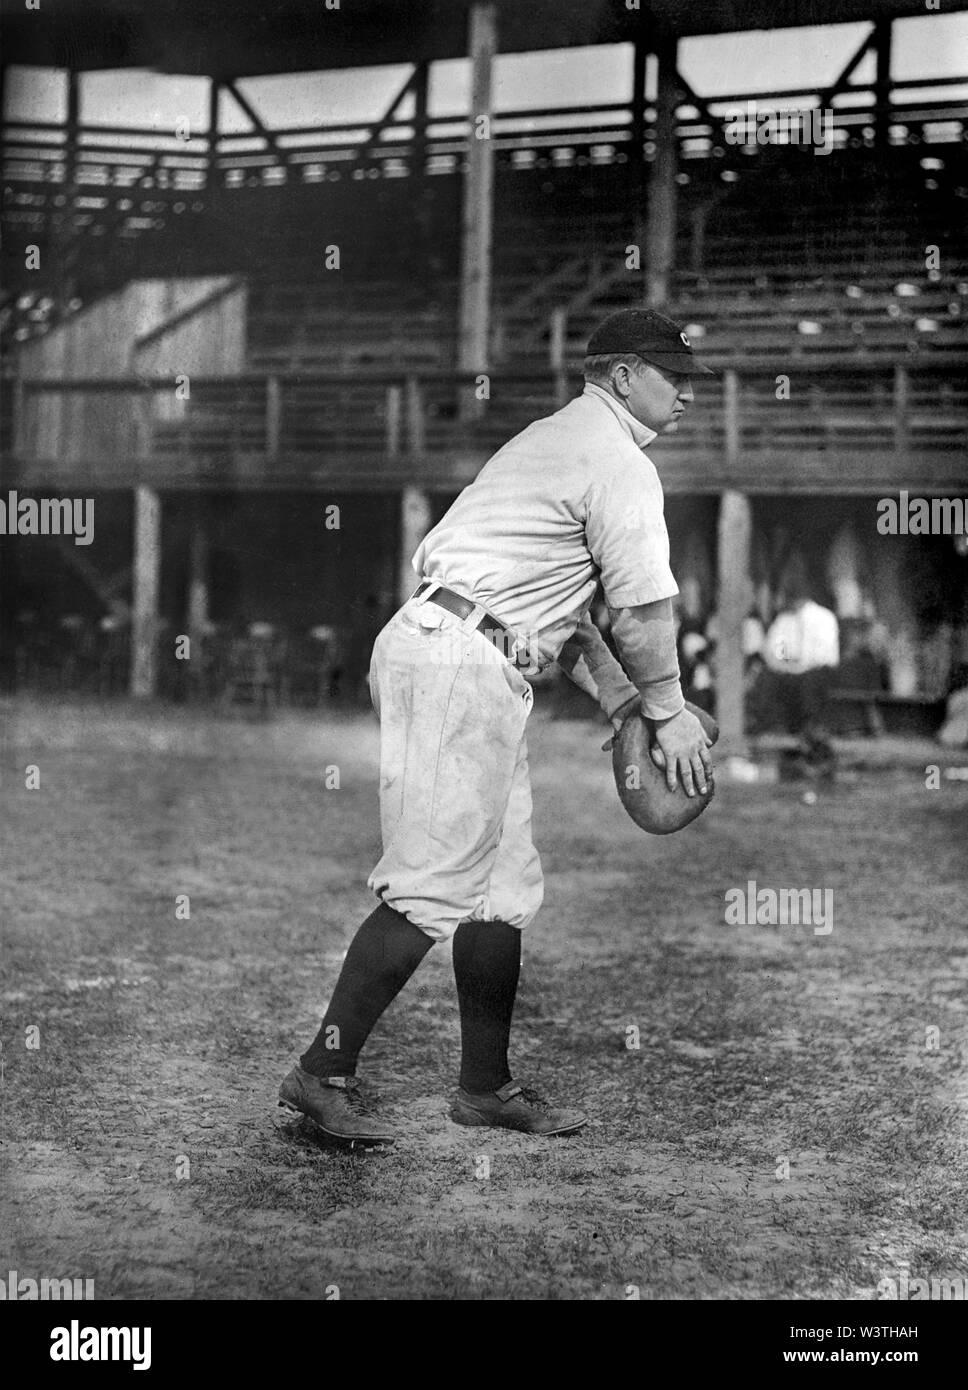 Grover Tierra, jugador de béisbol de las Grandes Ligas, Cleveland Naps, Full-Length retrato, informó el servicio de Noticias Bain, 1912 Imagen De Stock